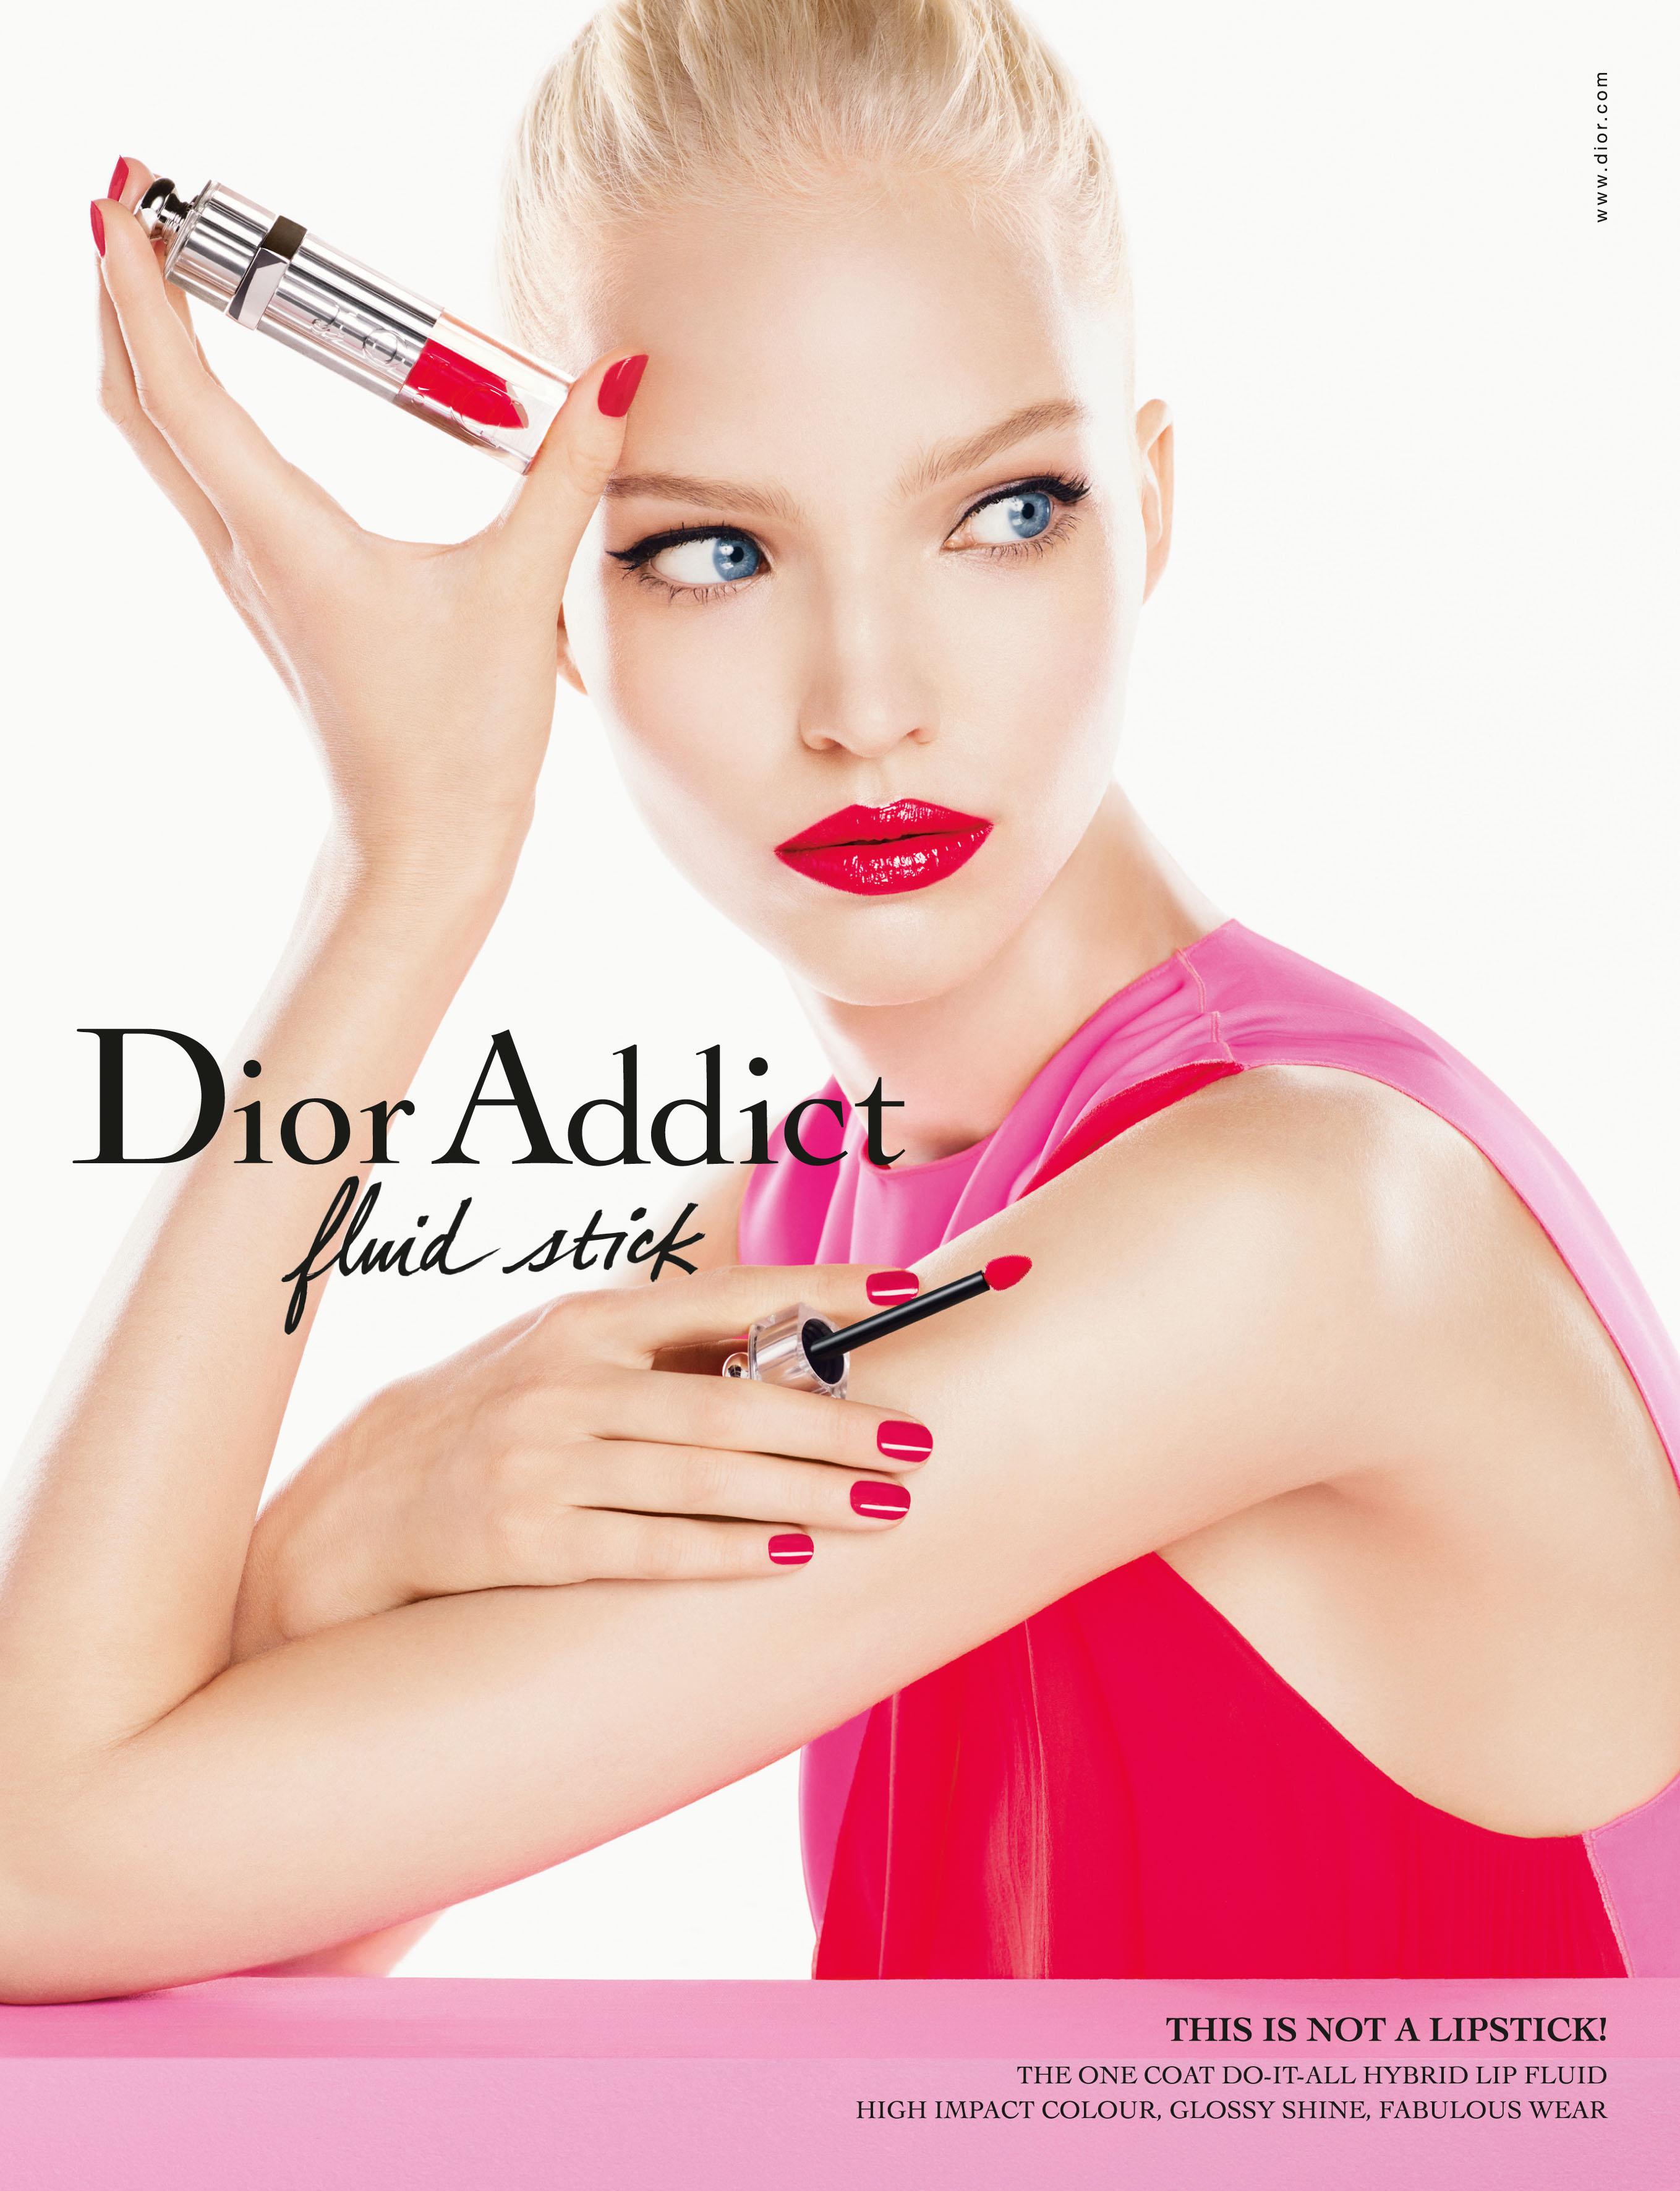 Dior Addict 1